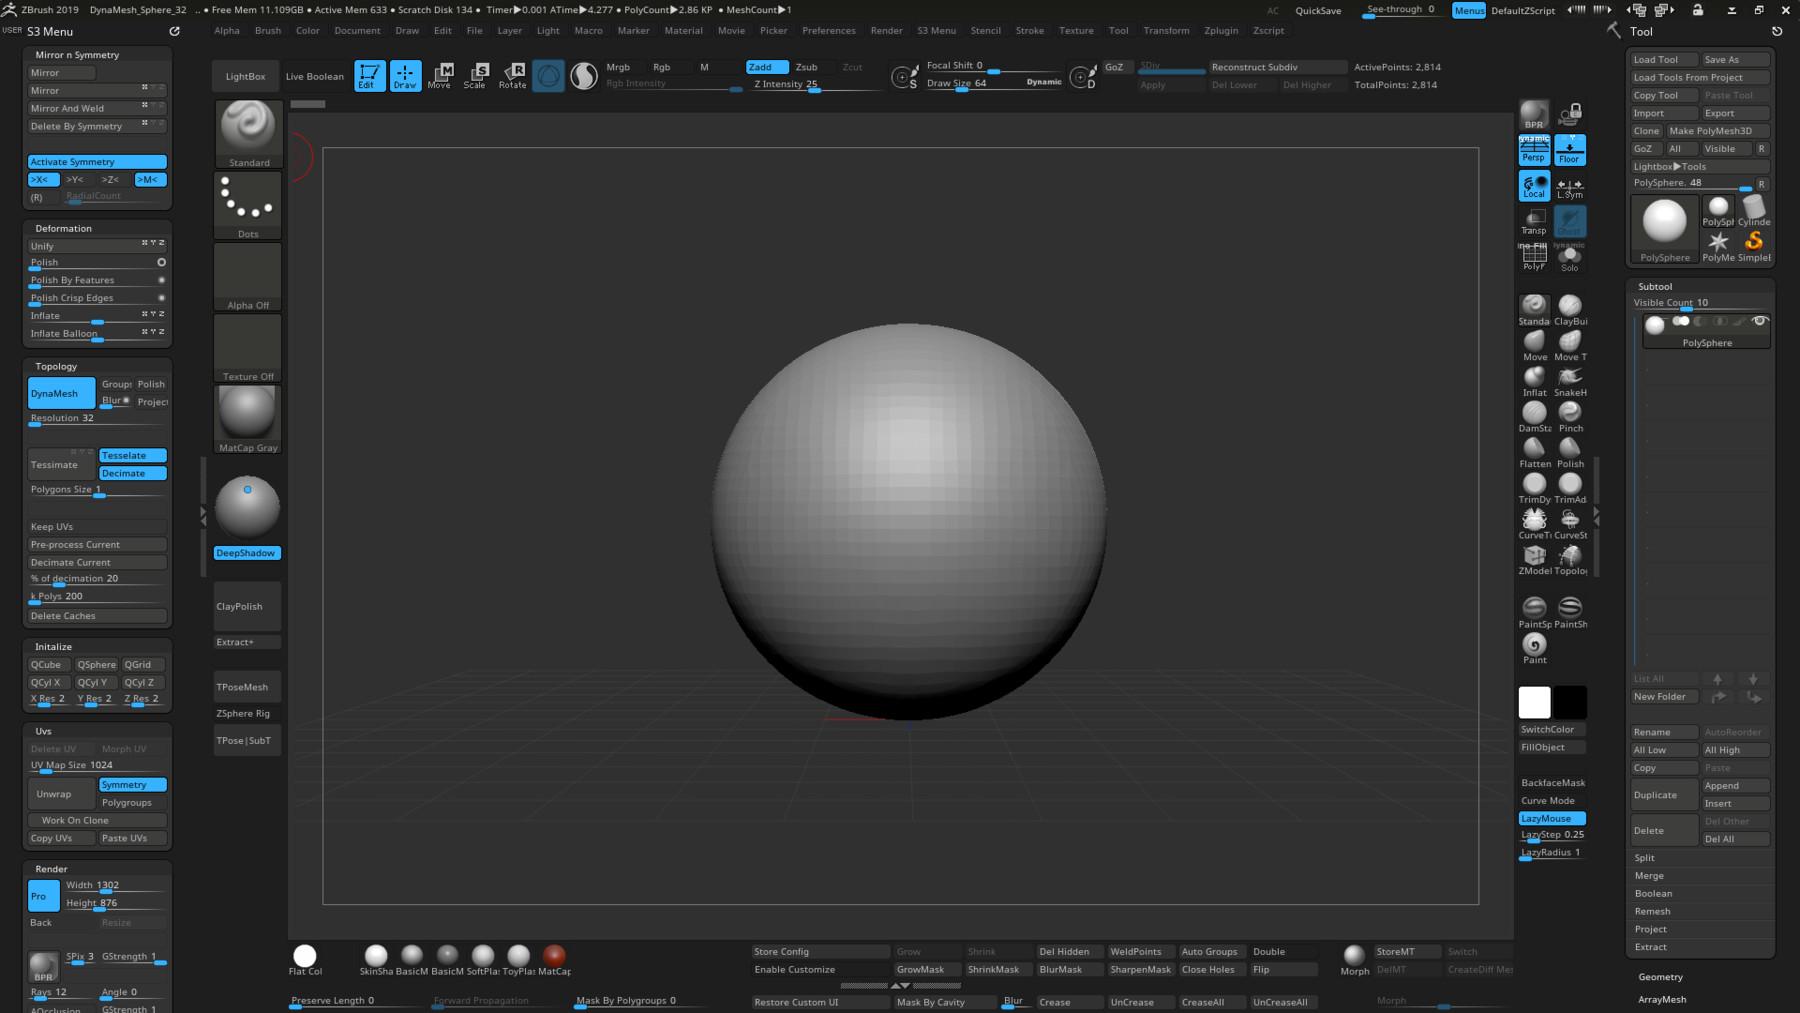 ArtStation - [Custom UI] My Custom User Interface for Zbrush